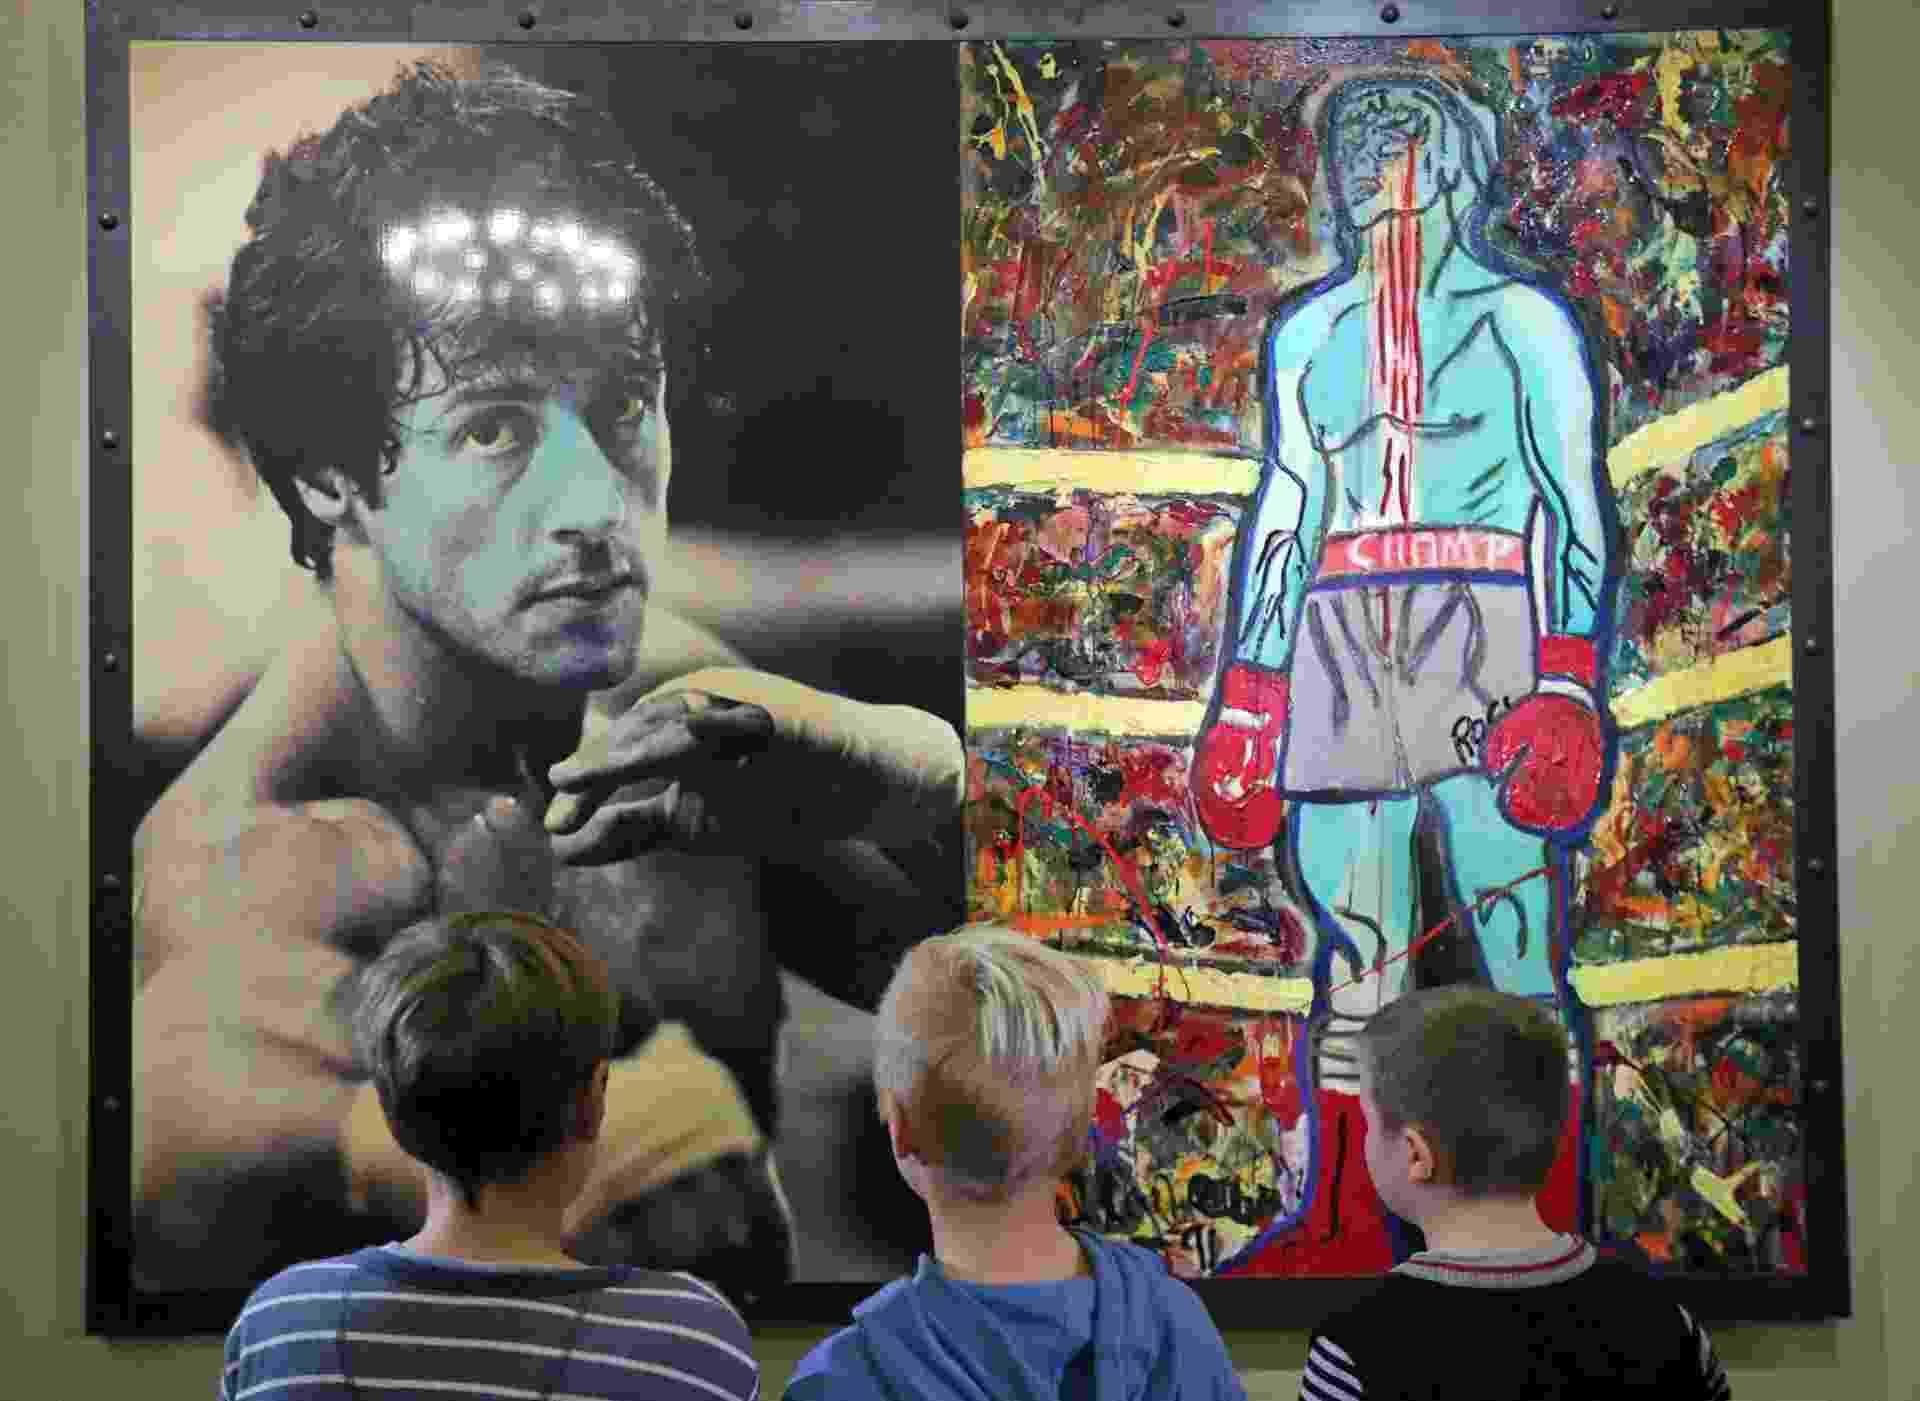 Sylvester Stallone expõe quadros expressionistas no museu de São Petersburgo - ANATOLY MALTSEV/EFE